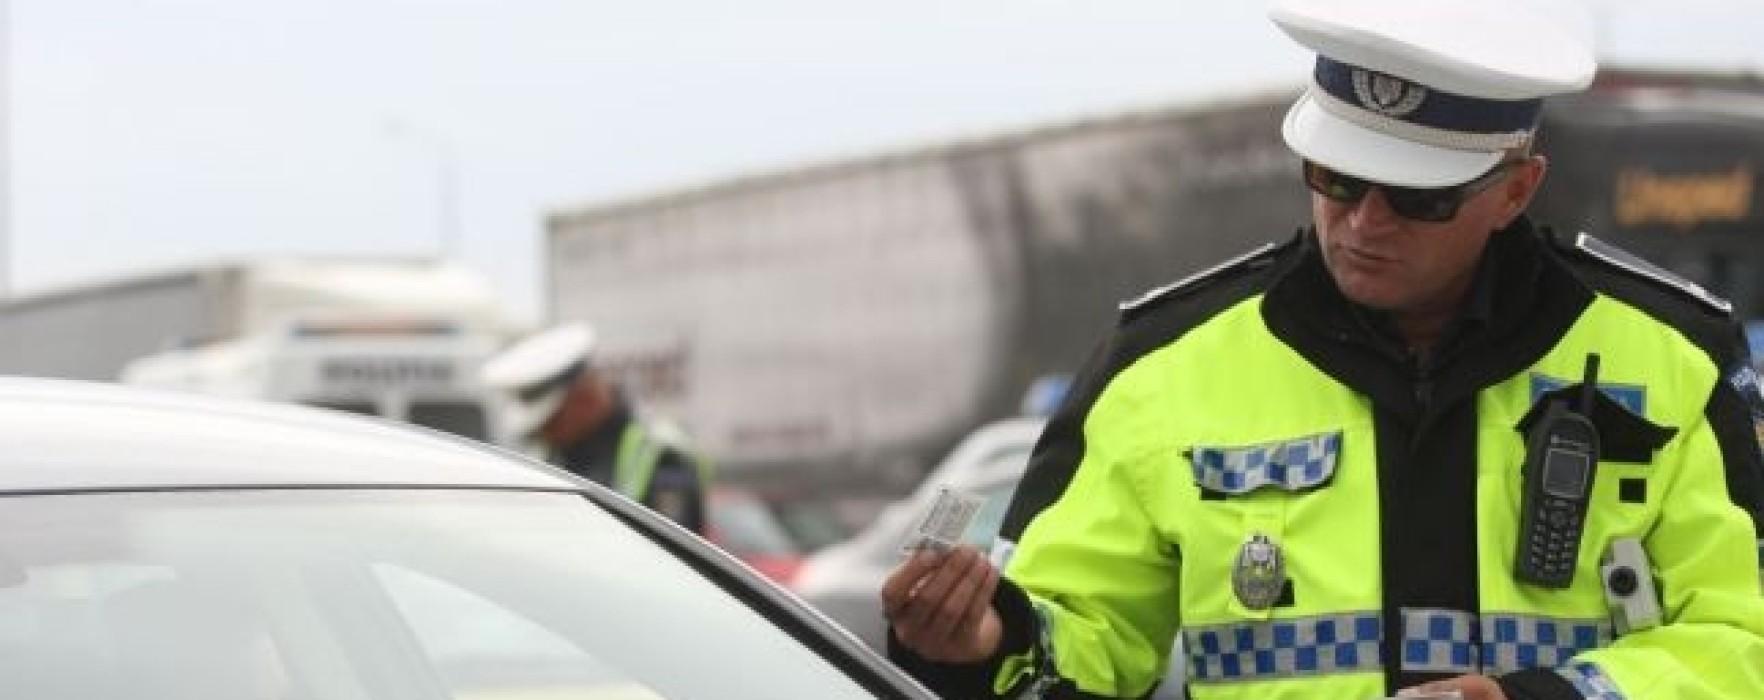 Dâmboviţa: Acţiune a Poliţiei pe DN 71 şi DN 72; unul din trei şoferi controlaţi a luat amendă